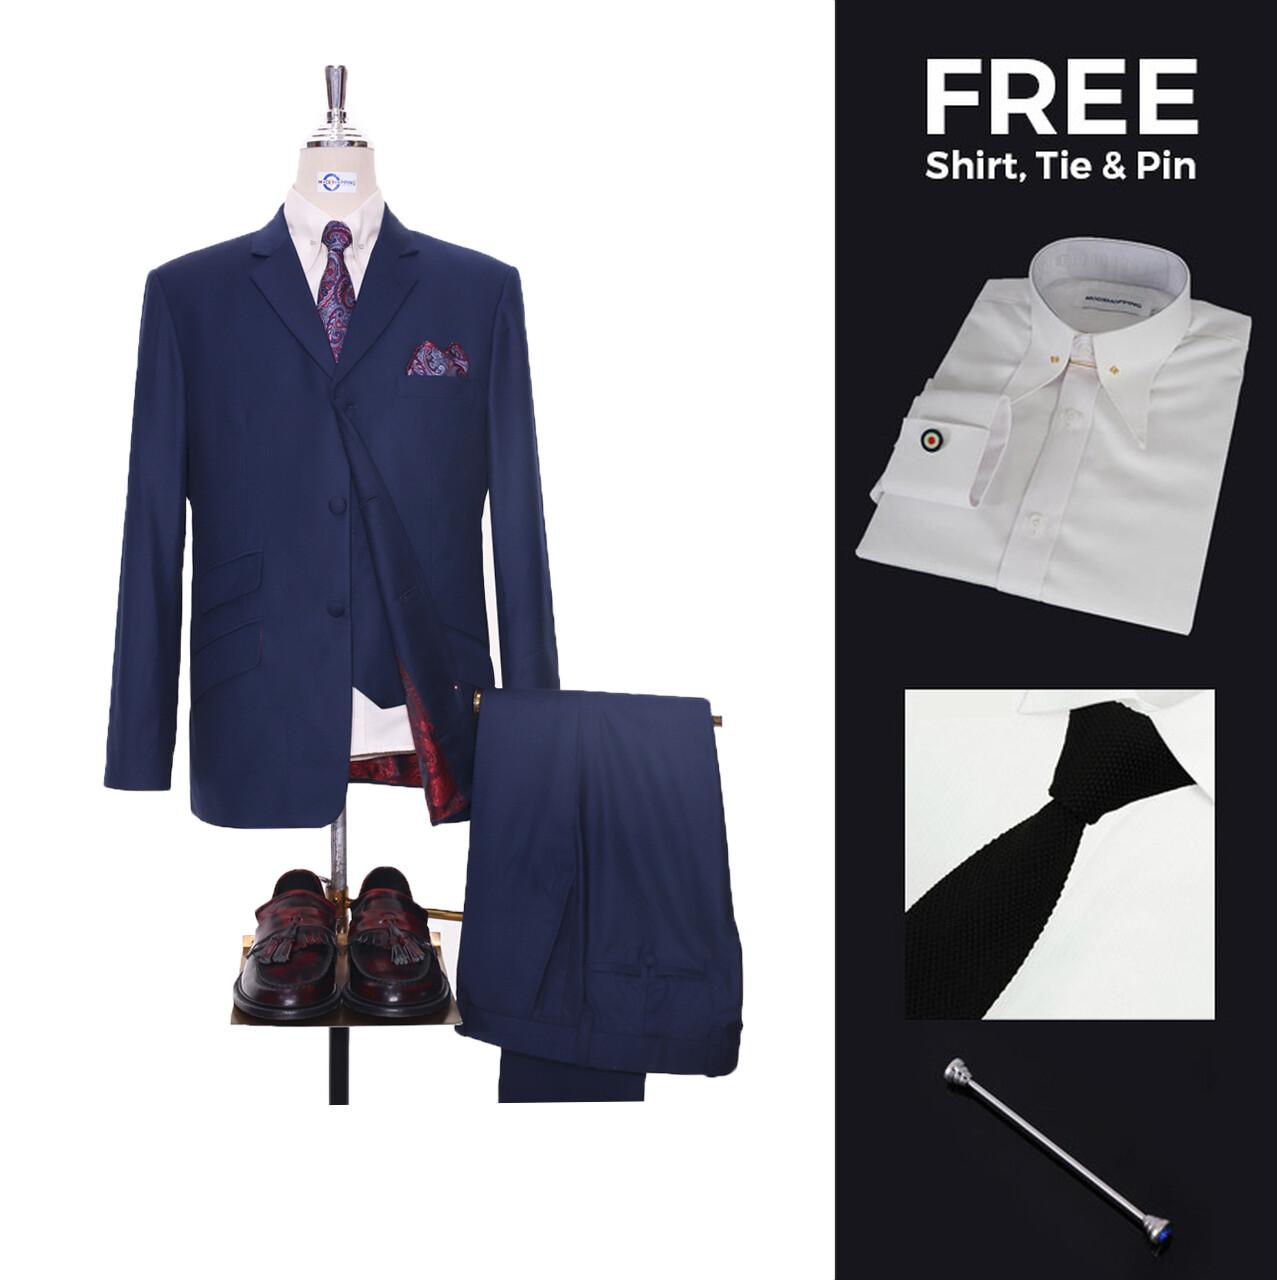 Suit Deals   Buy 1 (60s Mod Suit 3 Button Tailored Suit) & Get Free 3 Products